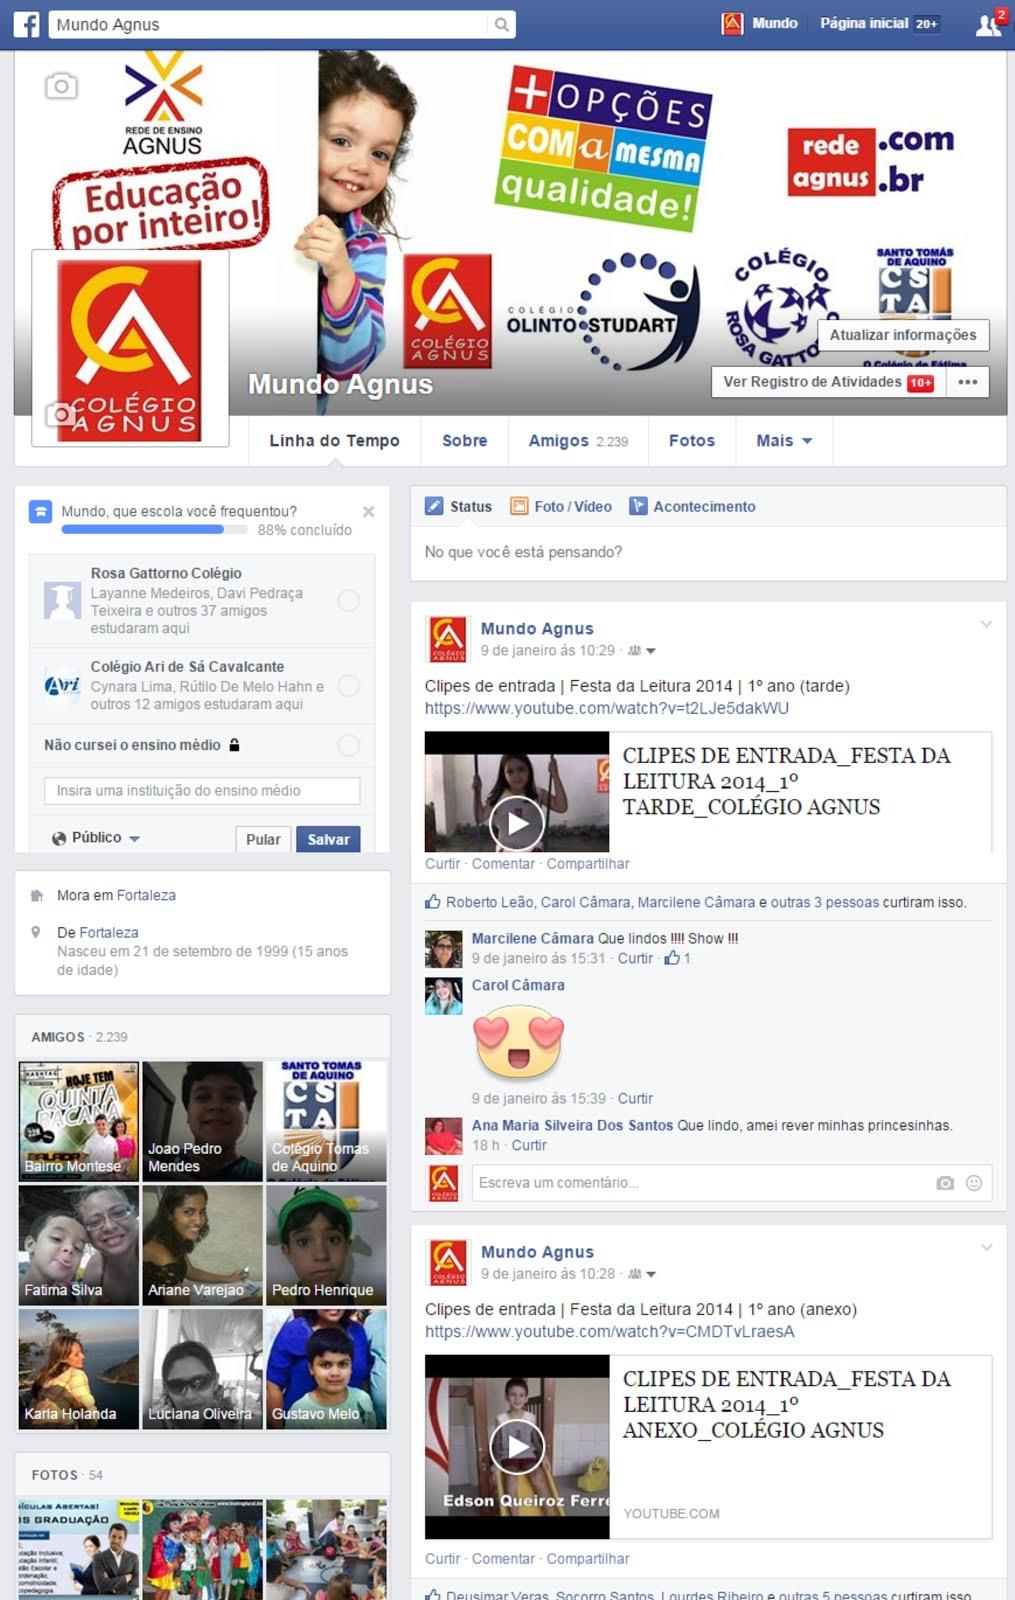 Facebook: Mundo Agnus